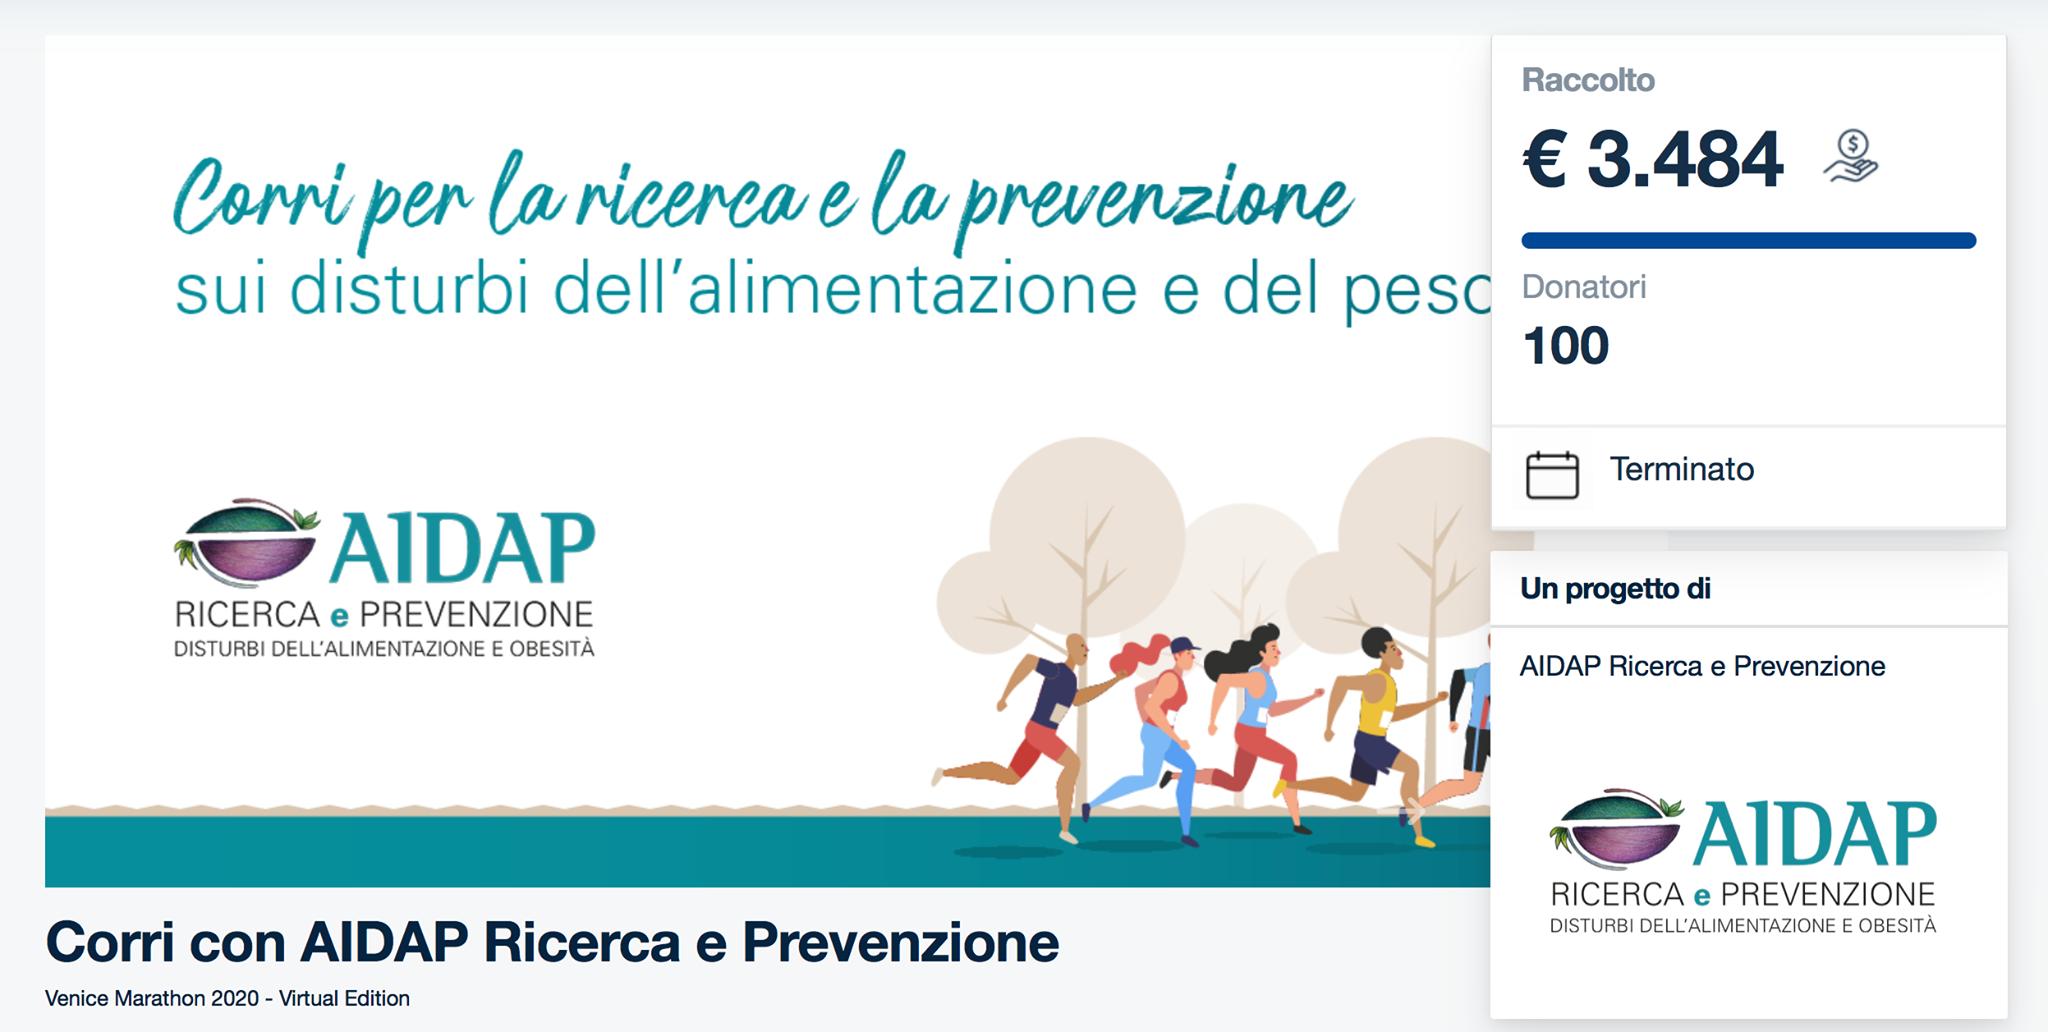 Rete del Dono - Corri con AIDAP Ricerca e Prevenzione